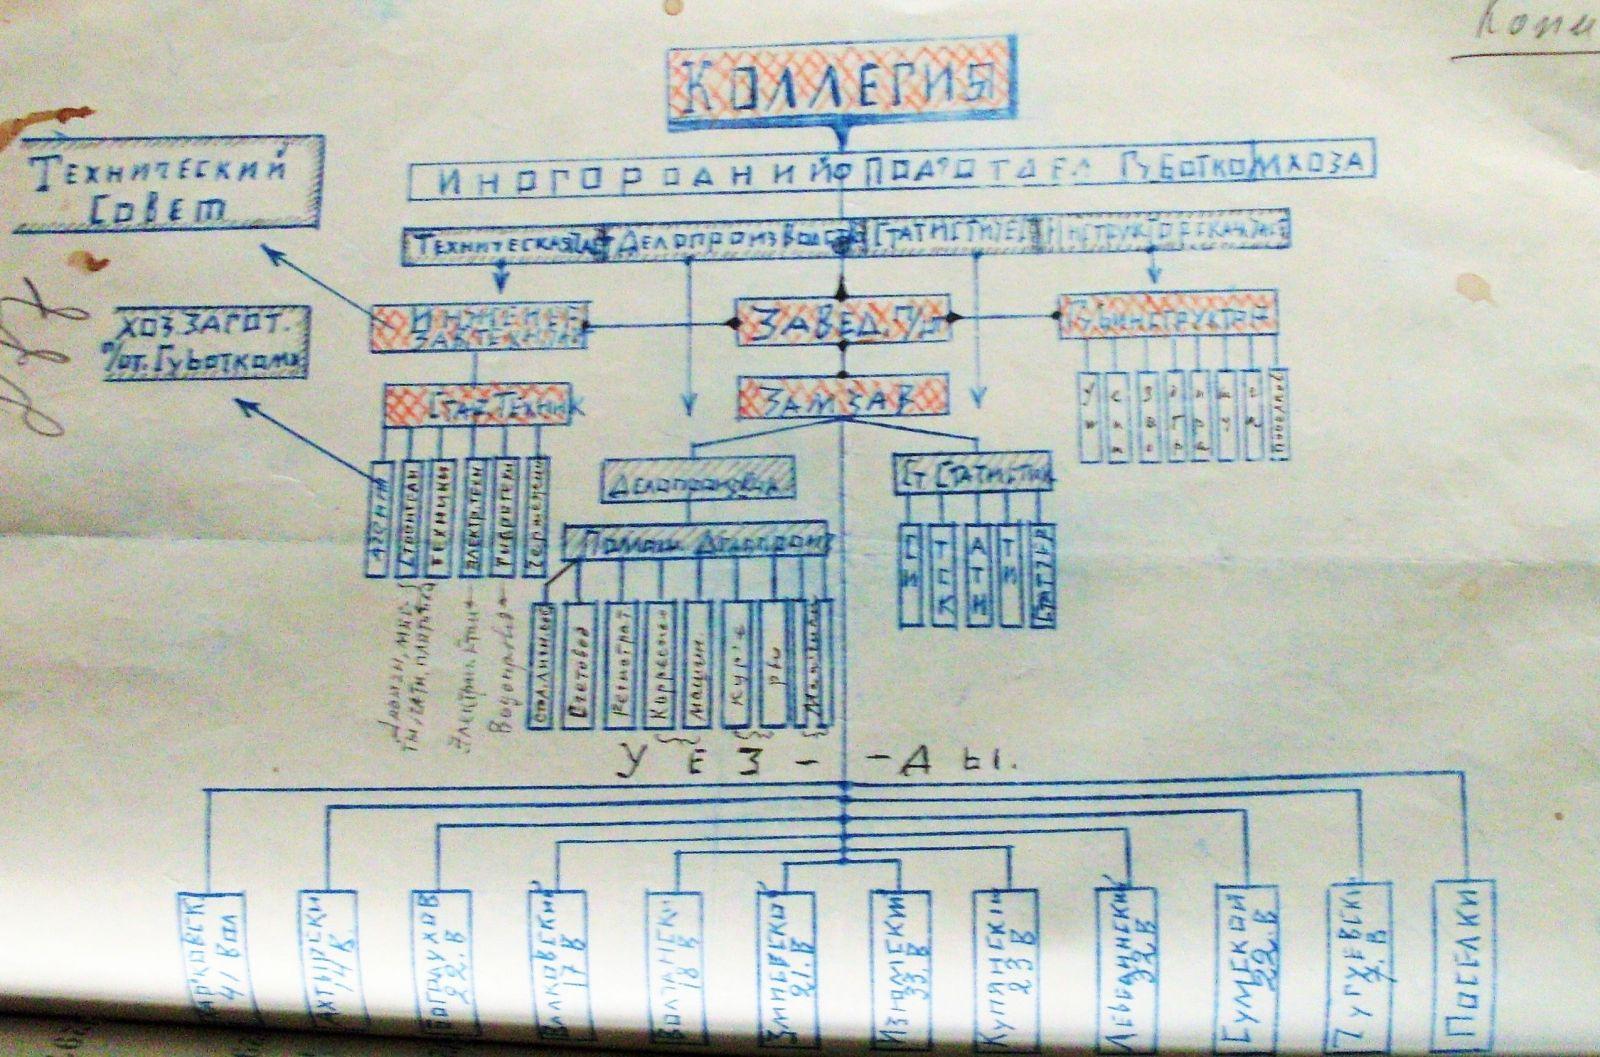 Раритетна схема: структура Харківського Губкомунгоспу у 1920 році. Другий зверху прямокутник у лівій частині листа очолював Веніамін Басіс